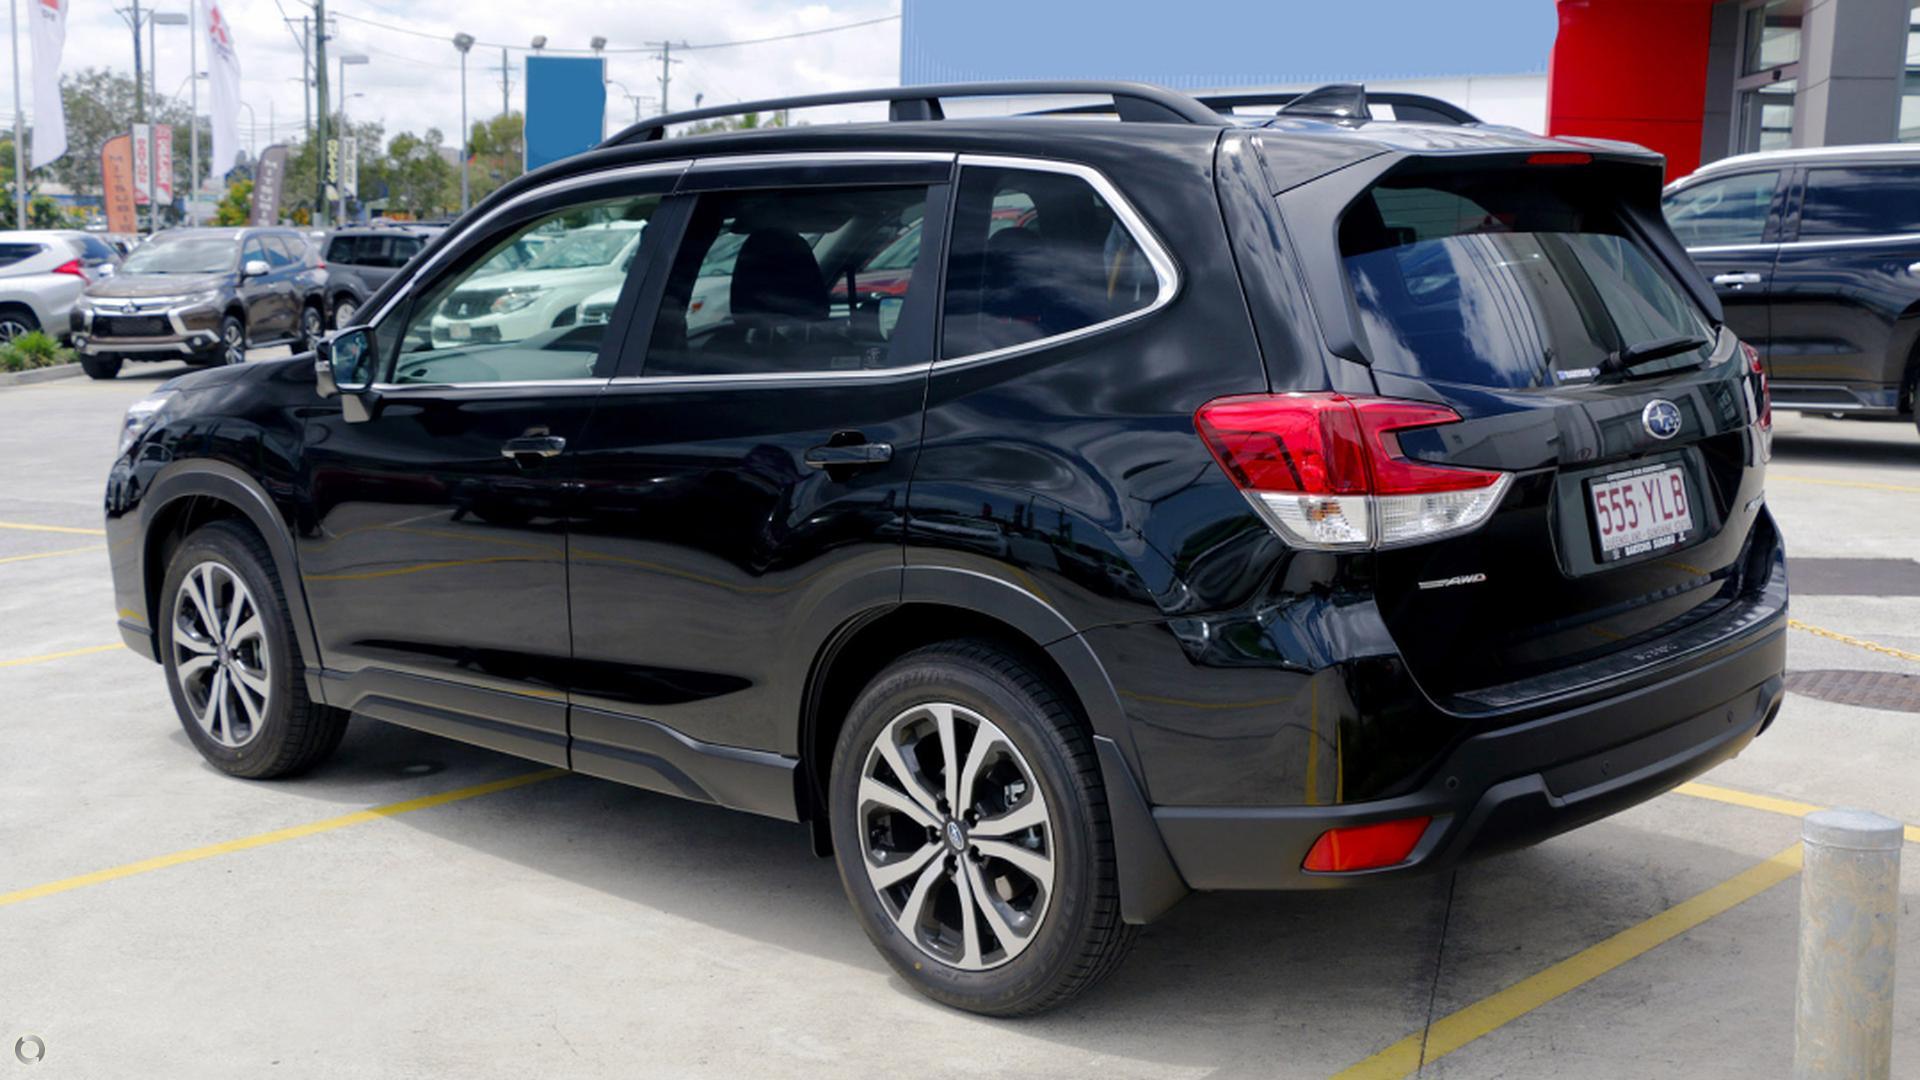 2018 Subaru Forester 2.5i Premium S5